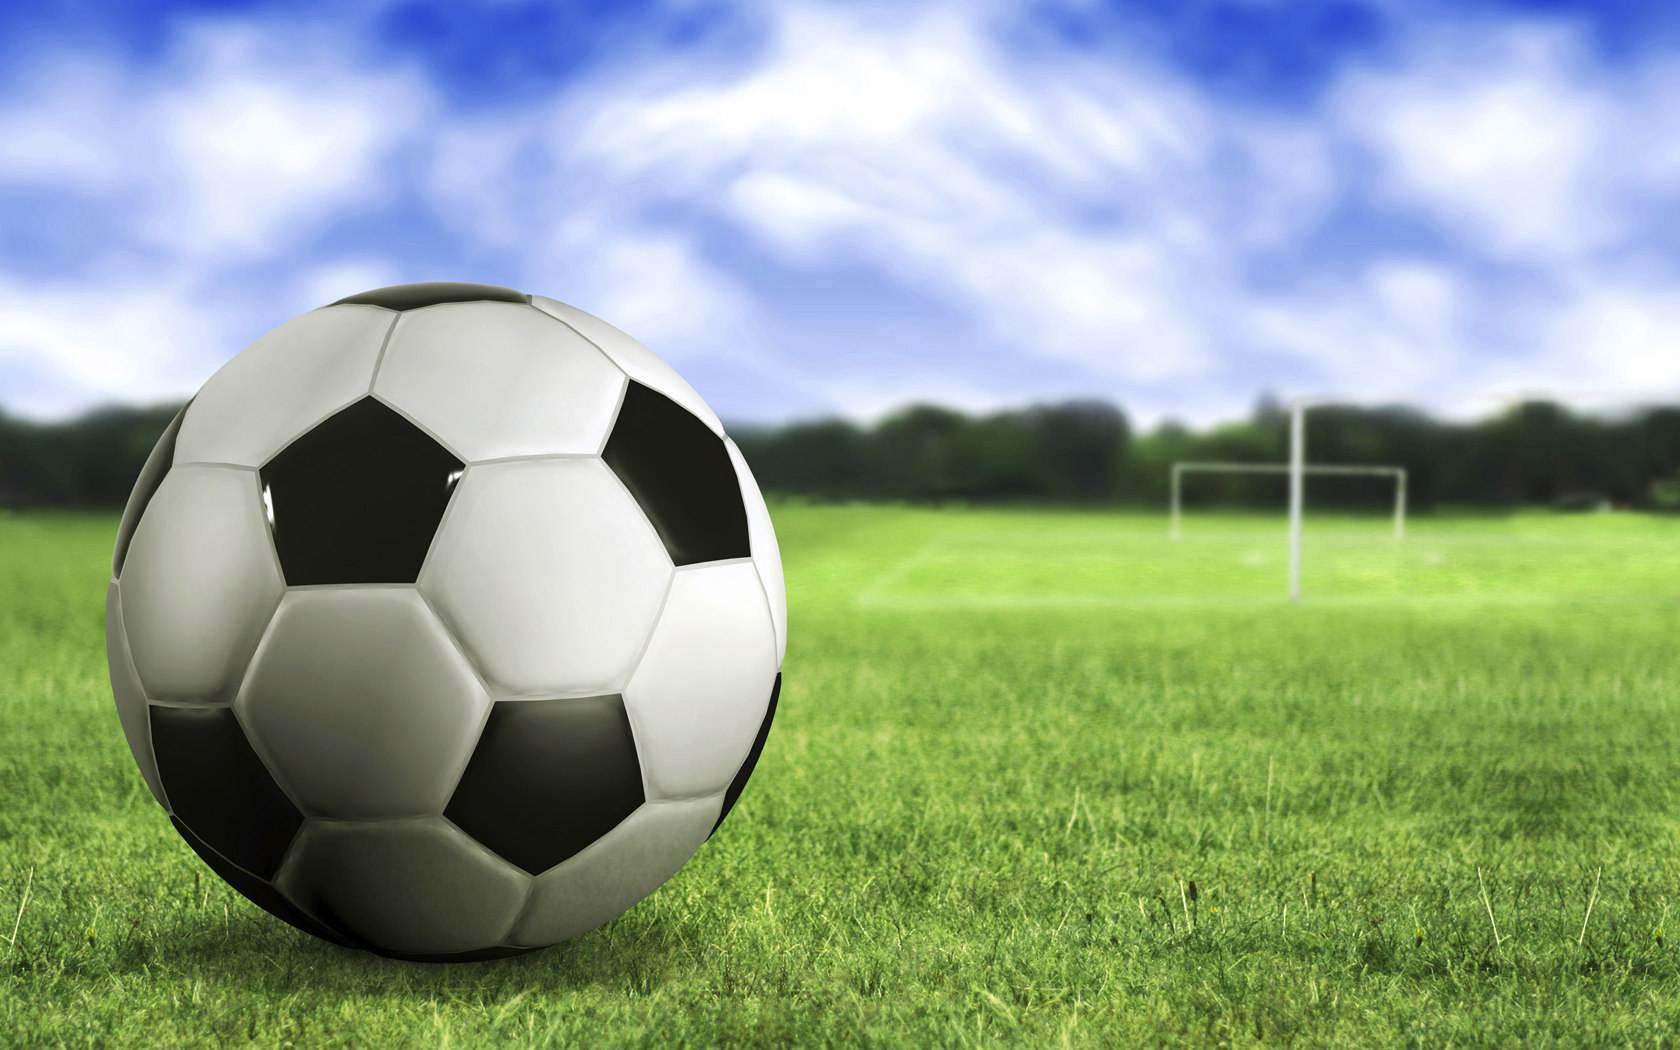 墨超比赛阿特拿斯vs普马斯 普马斯近11年正赛客场不胜对手